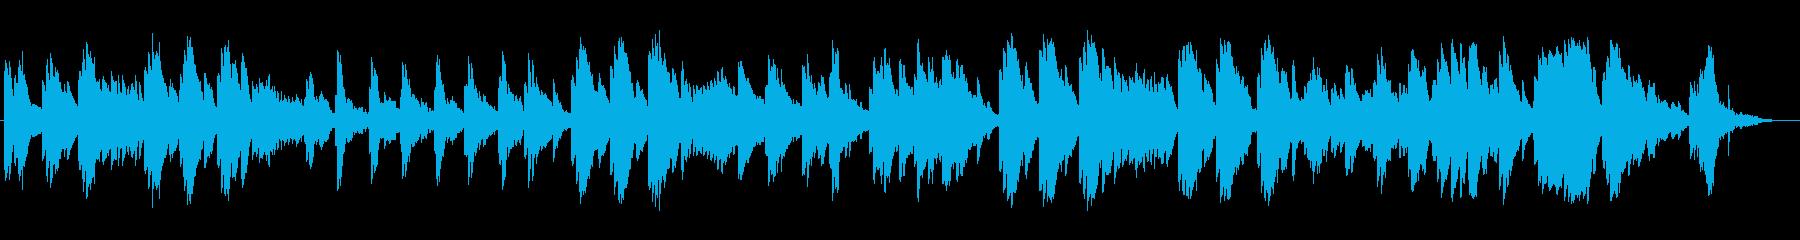 優しく切ないピアノサウンドの再生済みの波形